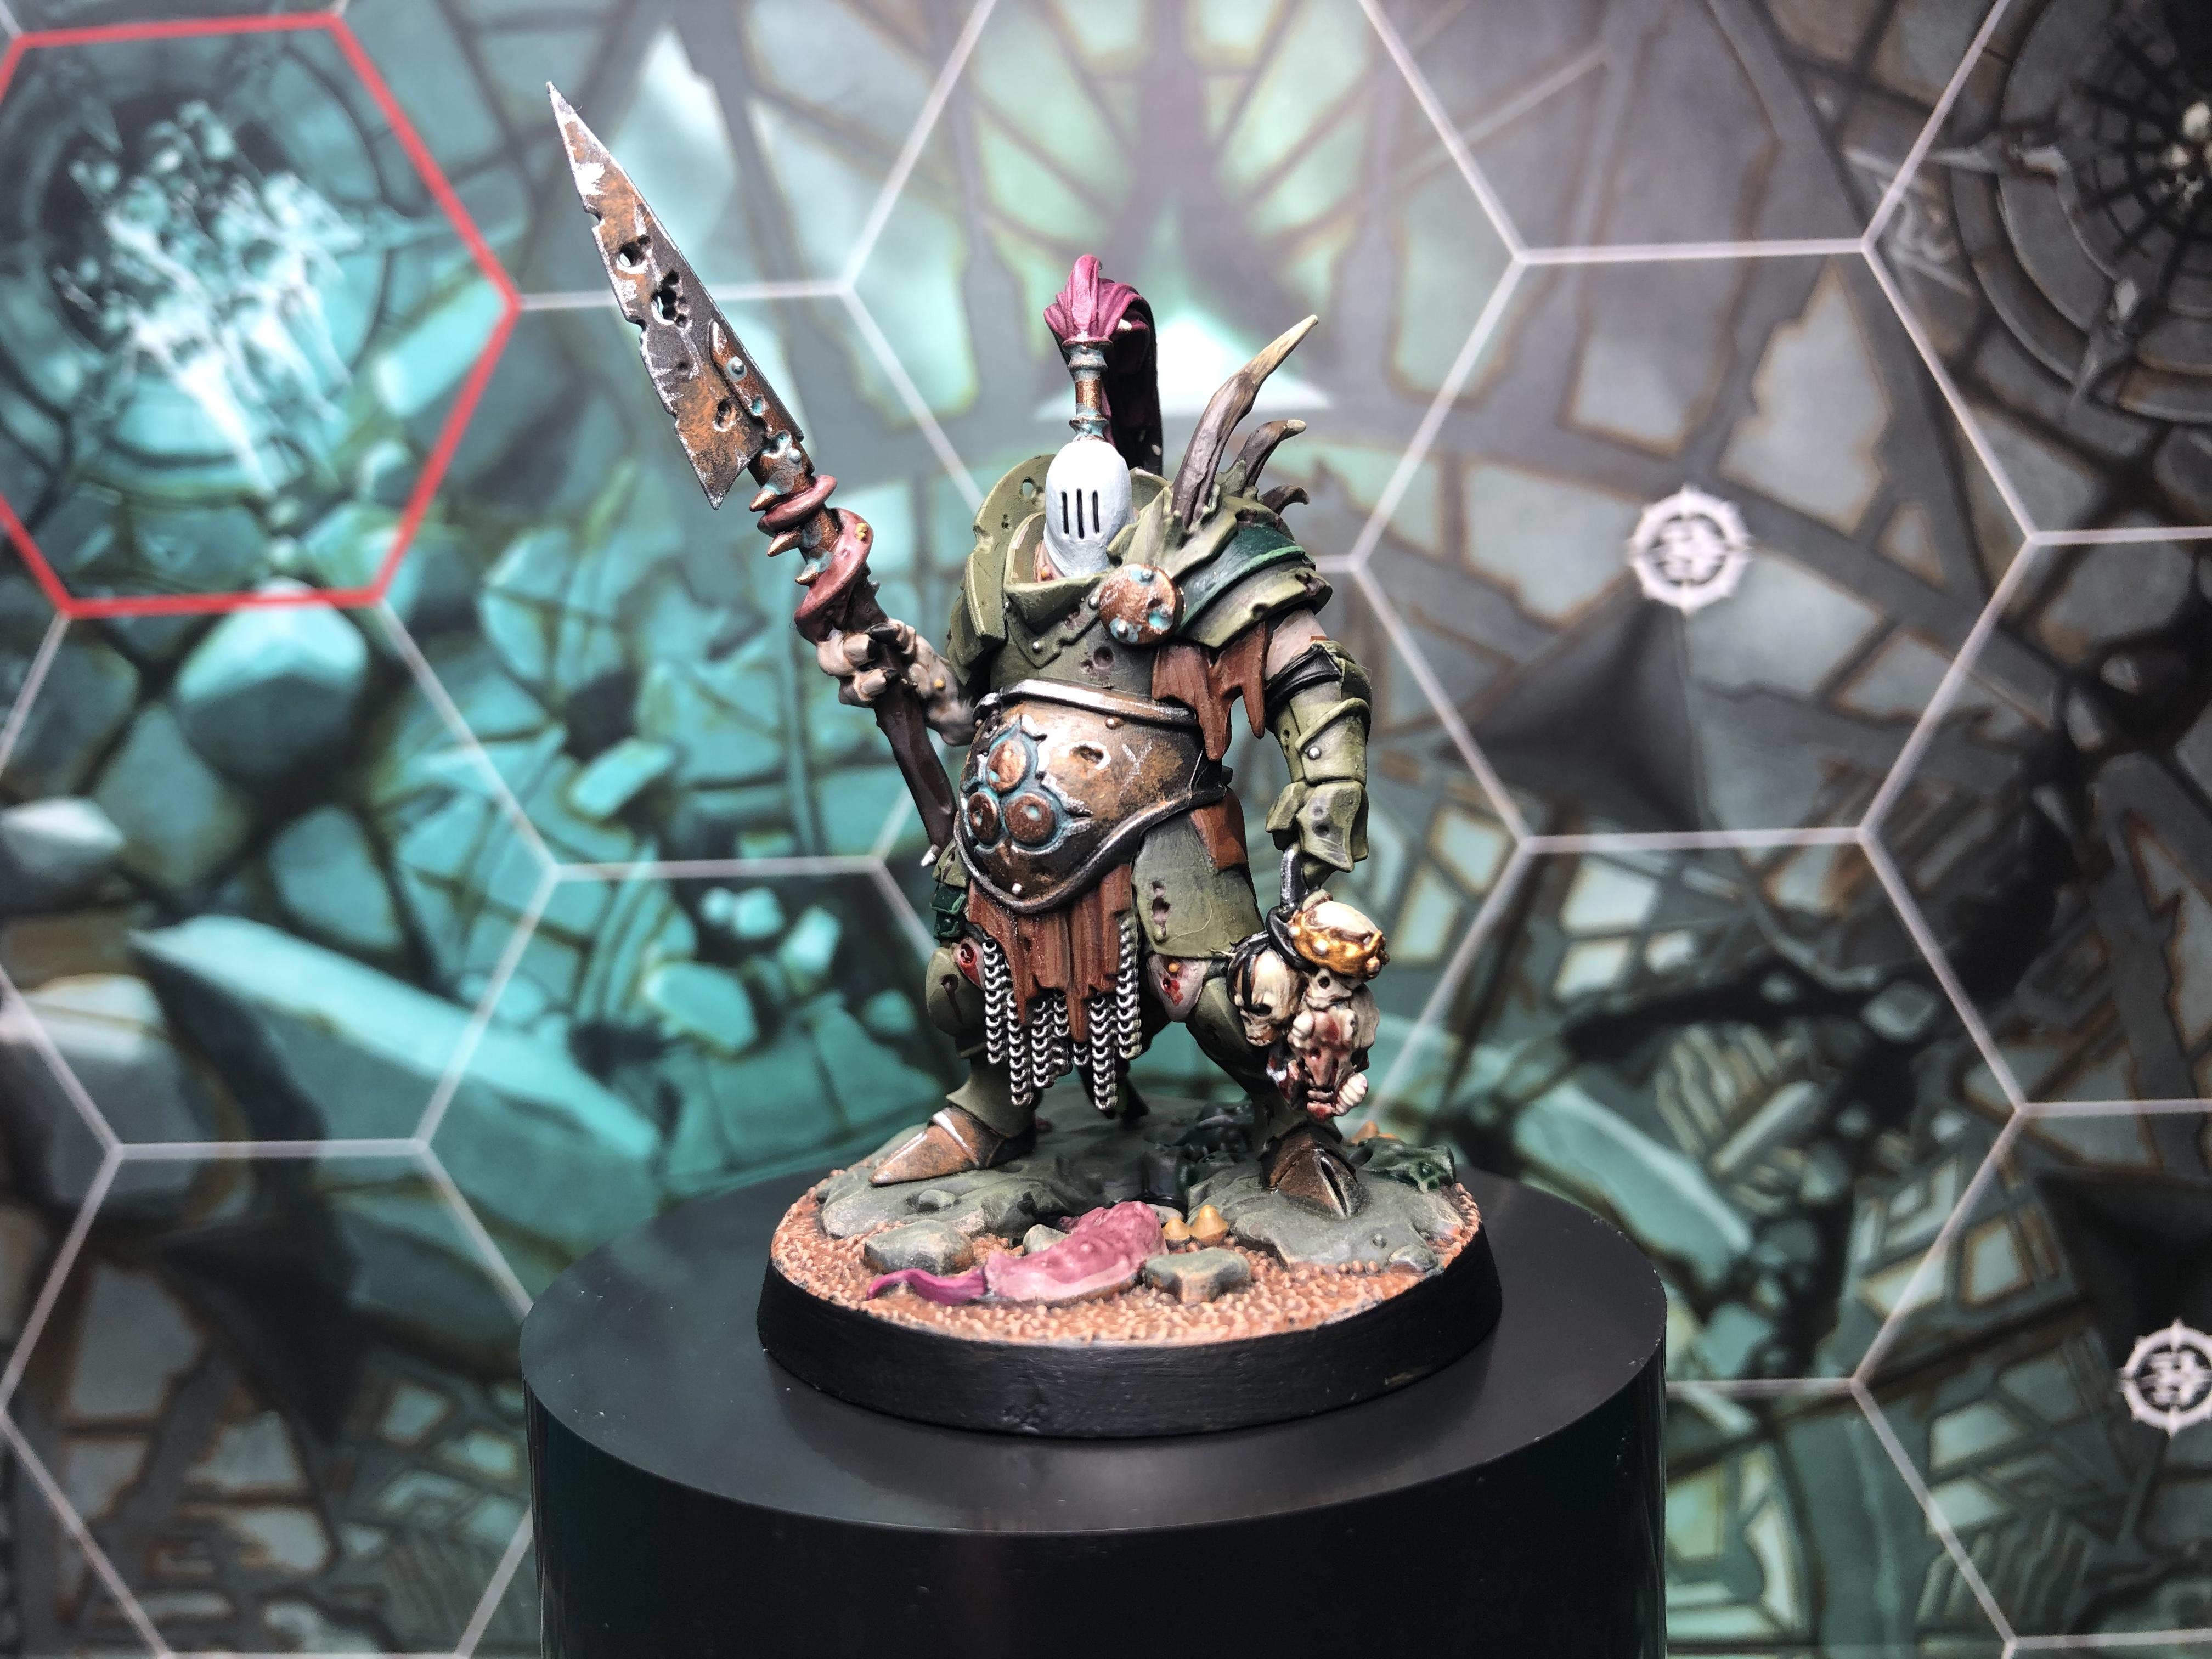 Sepsimus the Plaguesworn